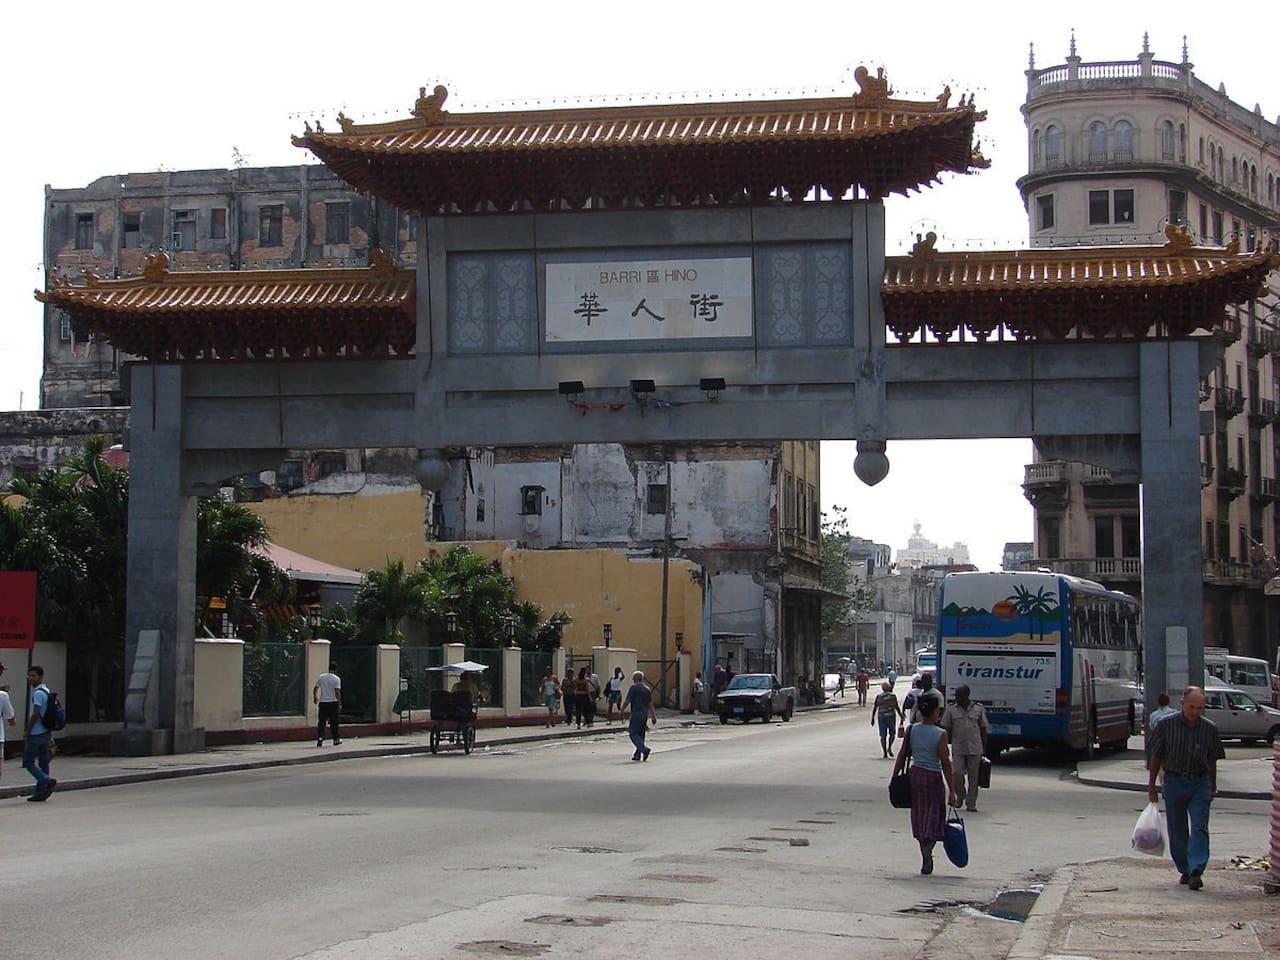 Puerta de los dragones. Entrada al barrio chino